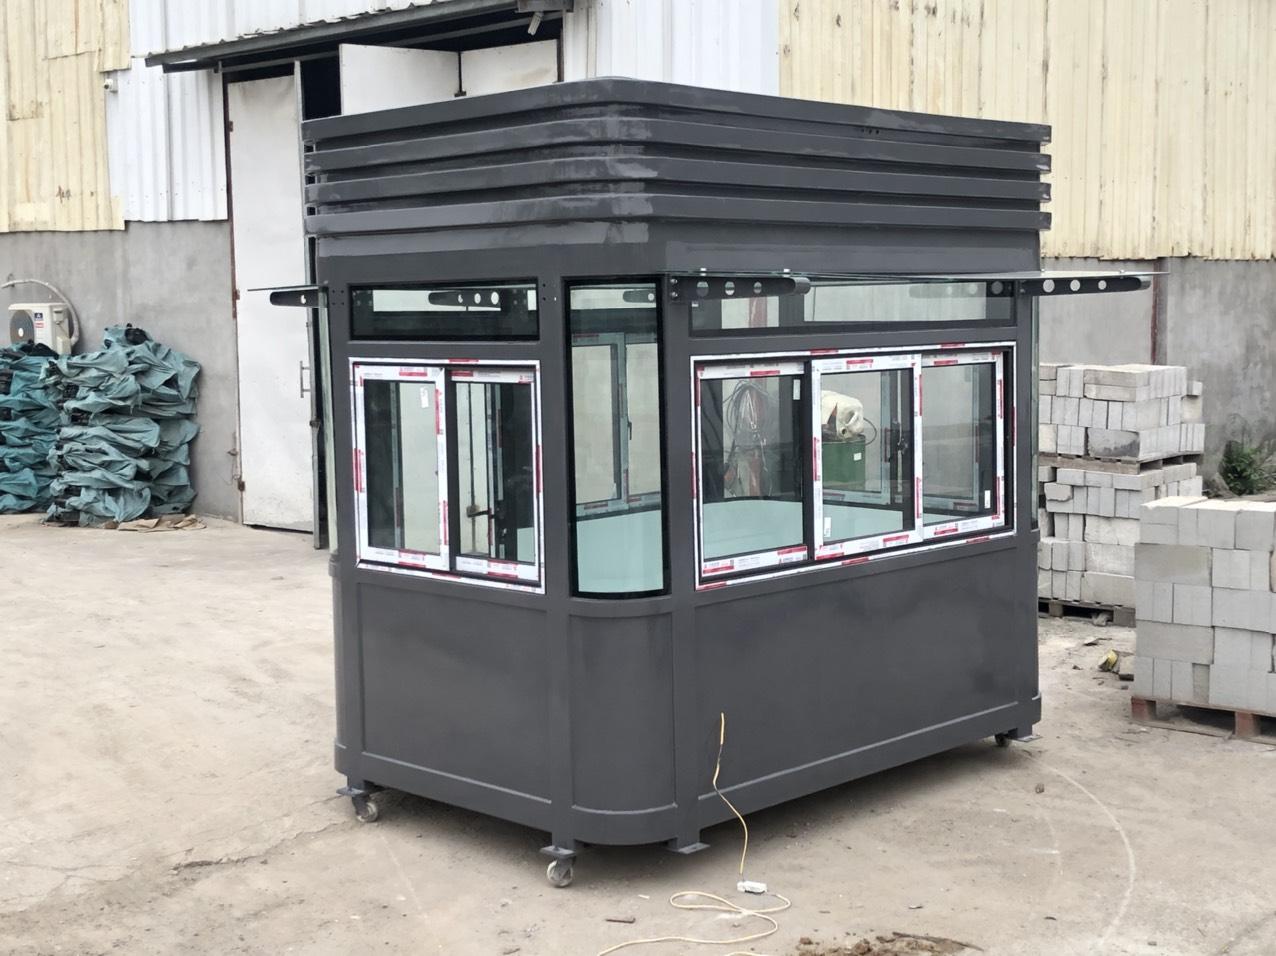 Lắp đặt cabin chốt an ninh trật tự tại Đồng Tháp